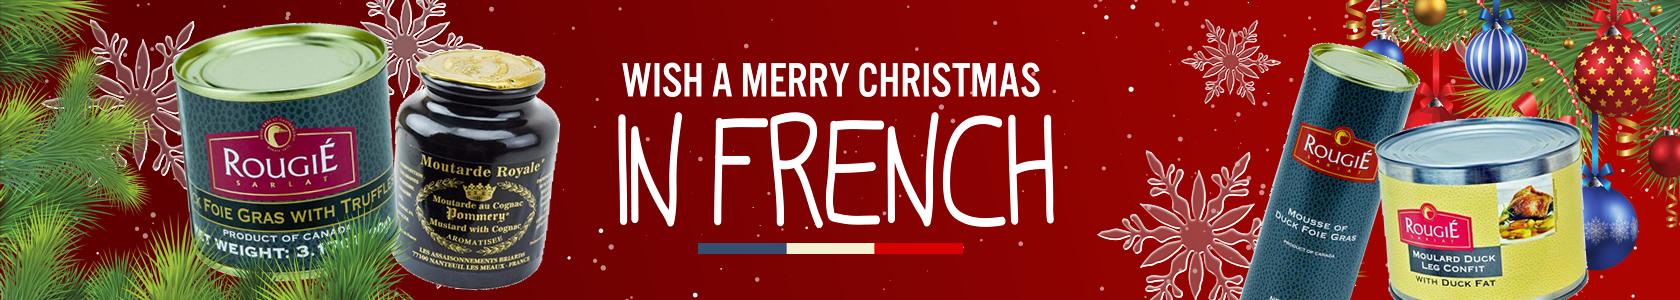 V2-christmas-frenchly